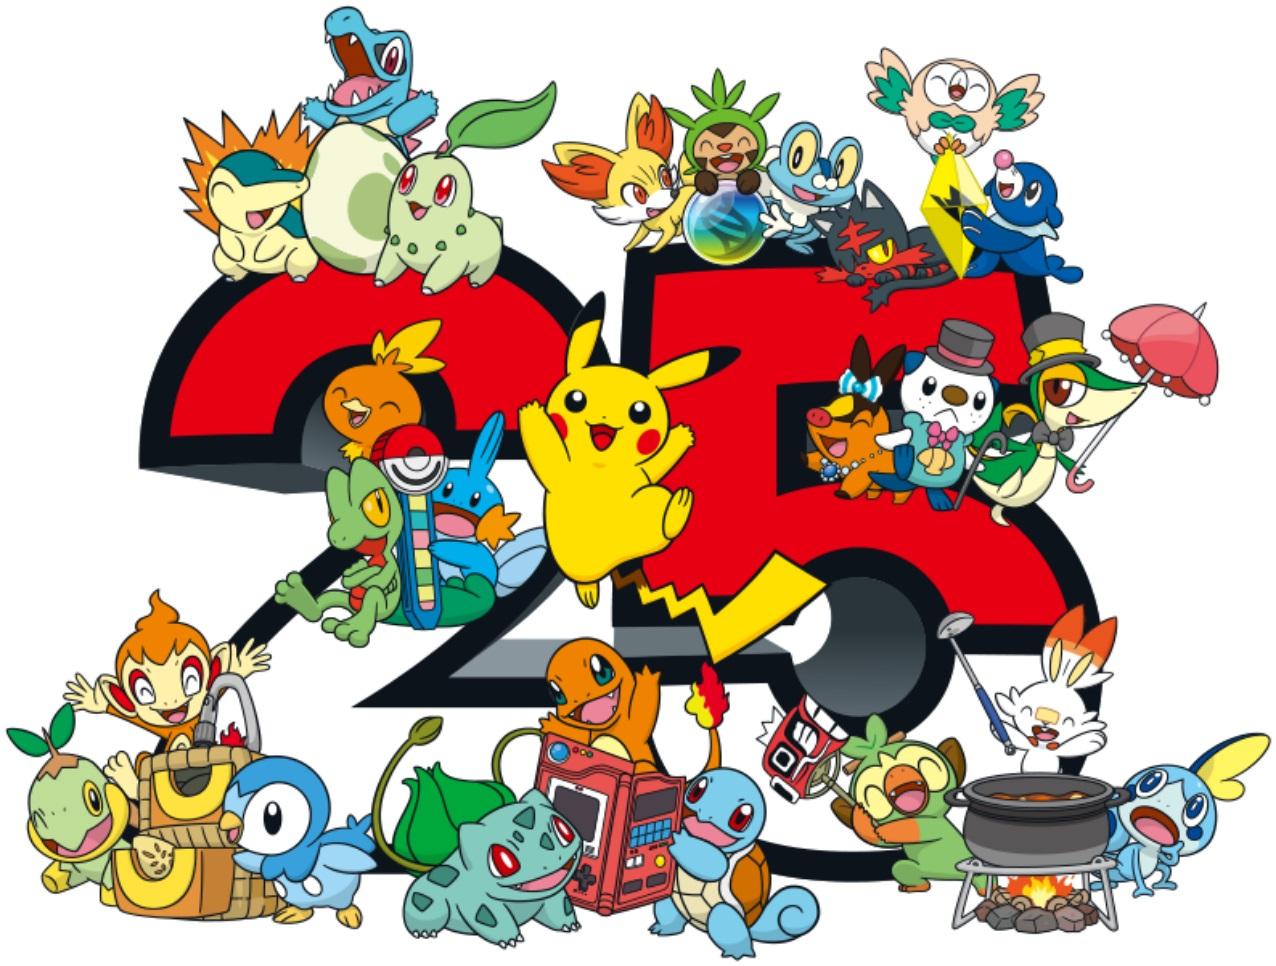 宝可梦与水果姐合作庆祝系列诞生25周年